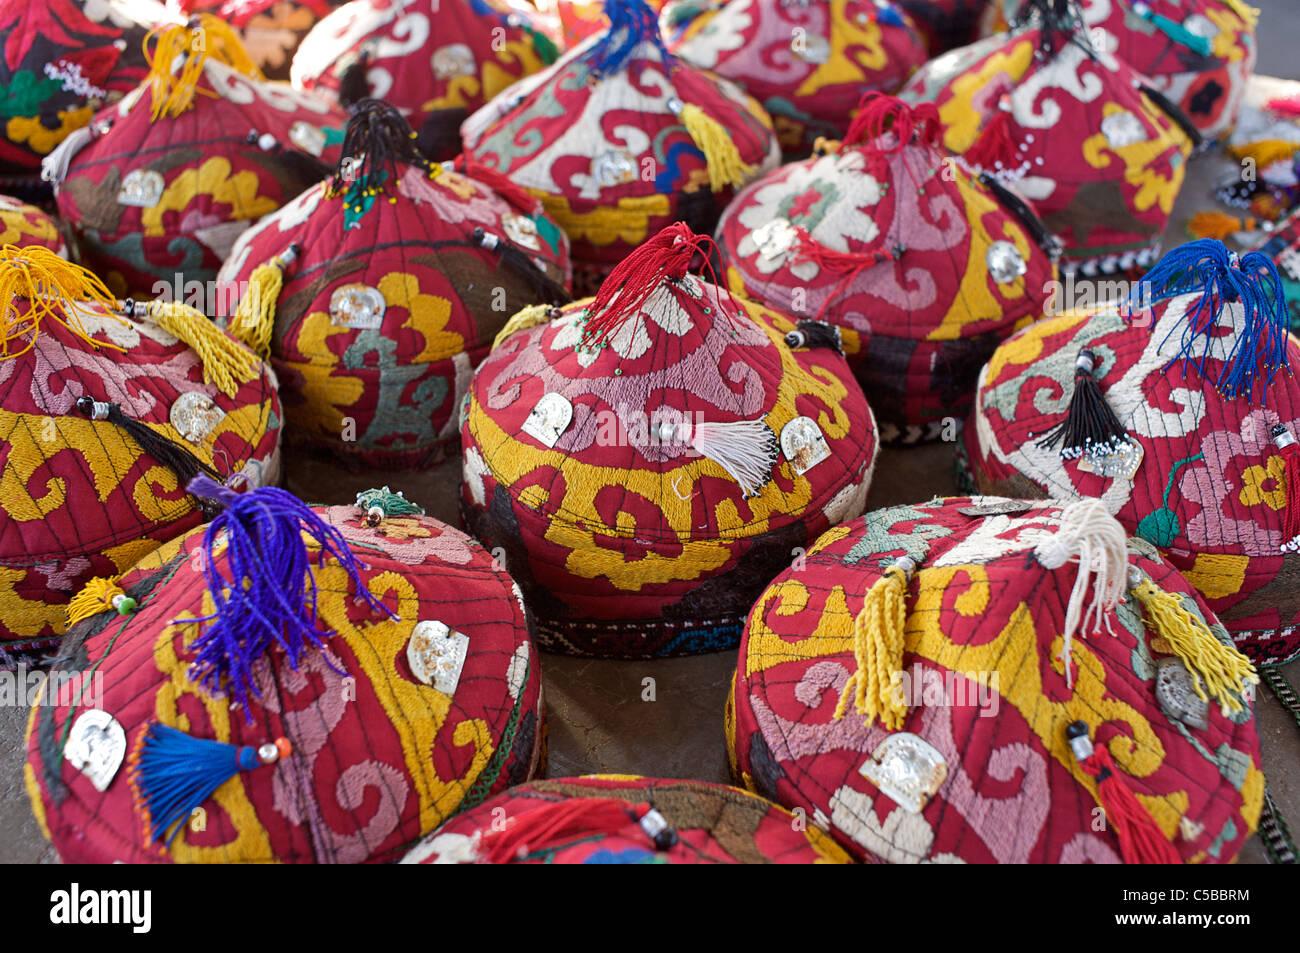 Embroidered caps, Urgut market, Samarkand, Uzbekistan - Stock Image